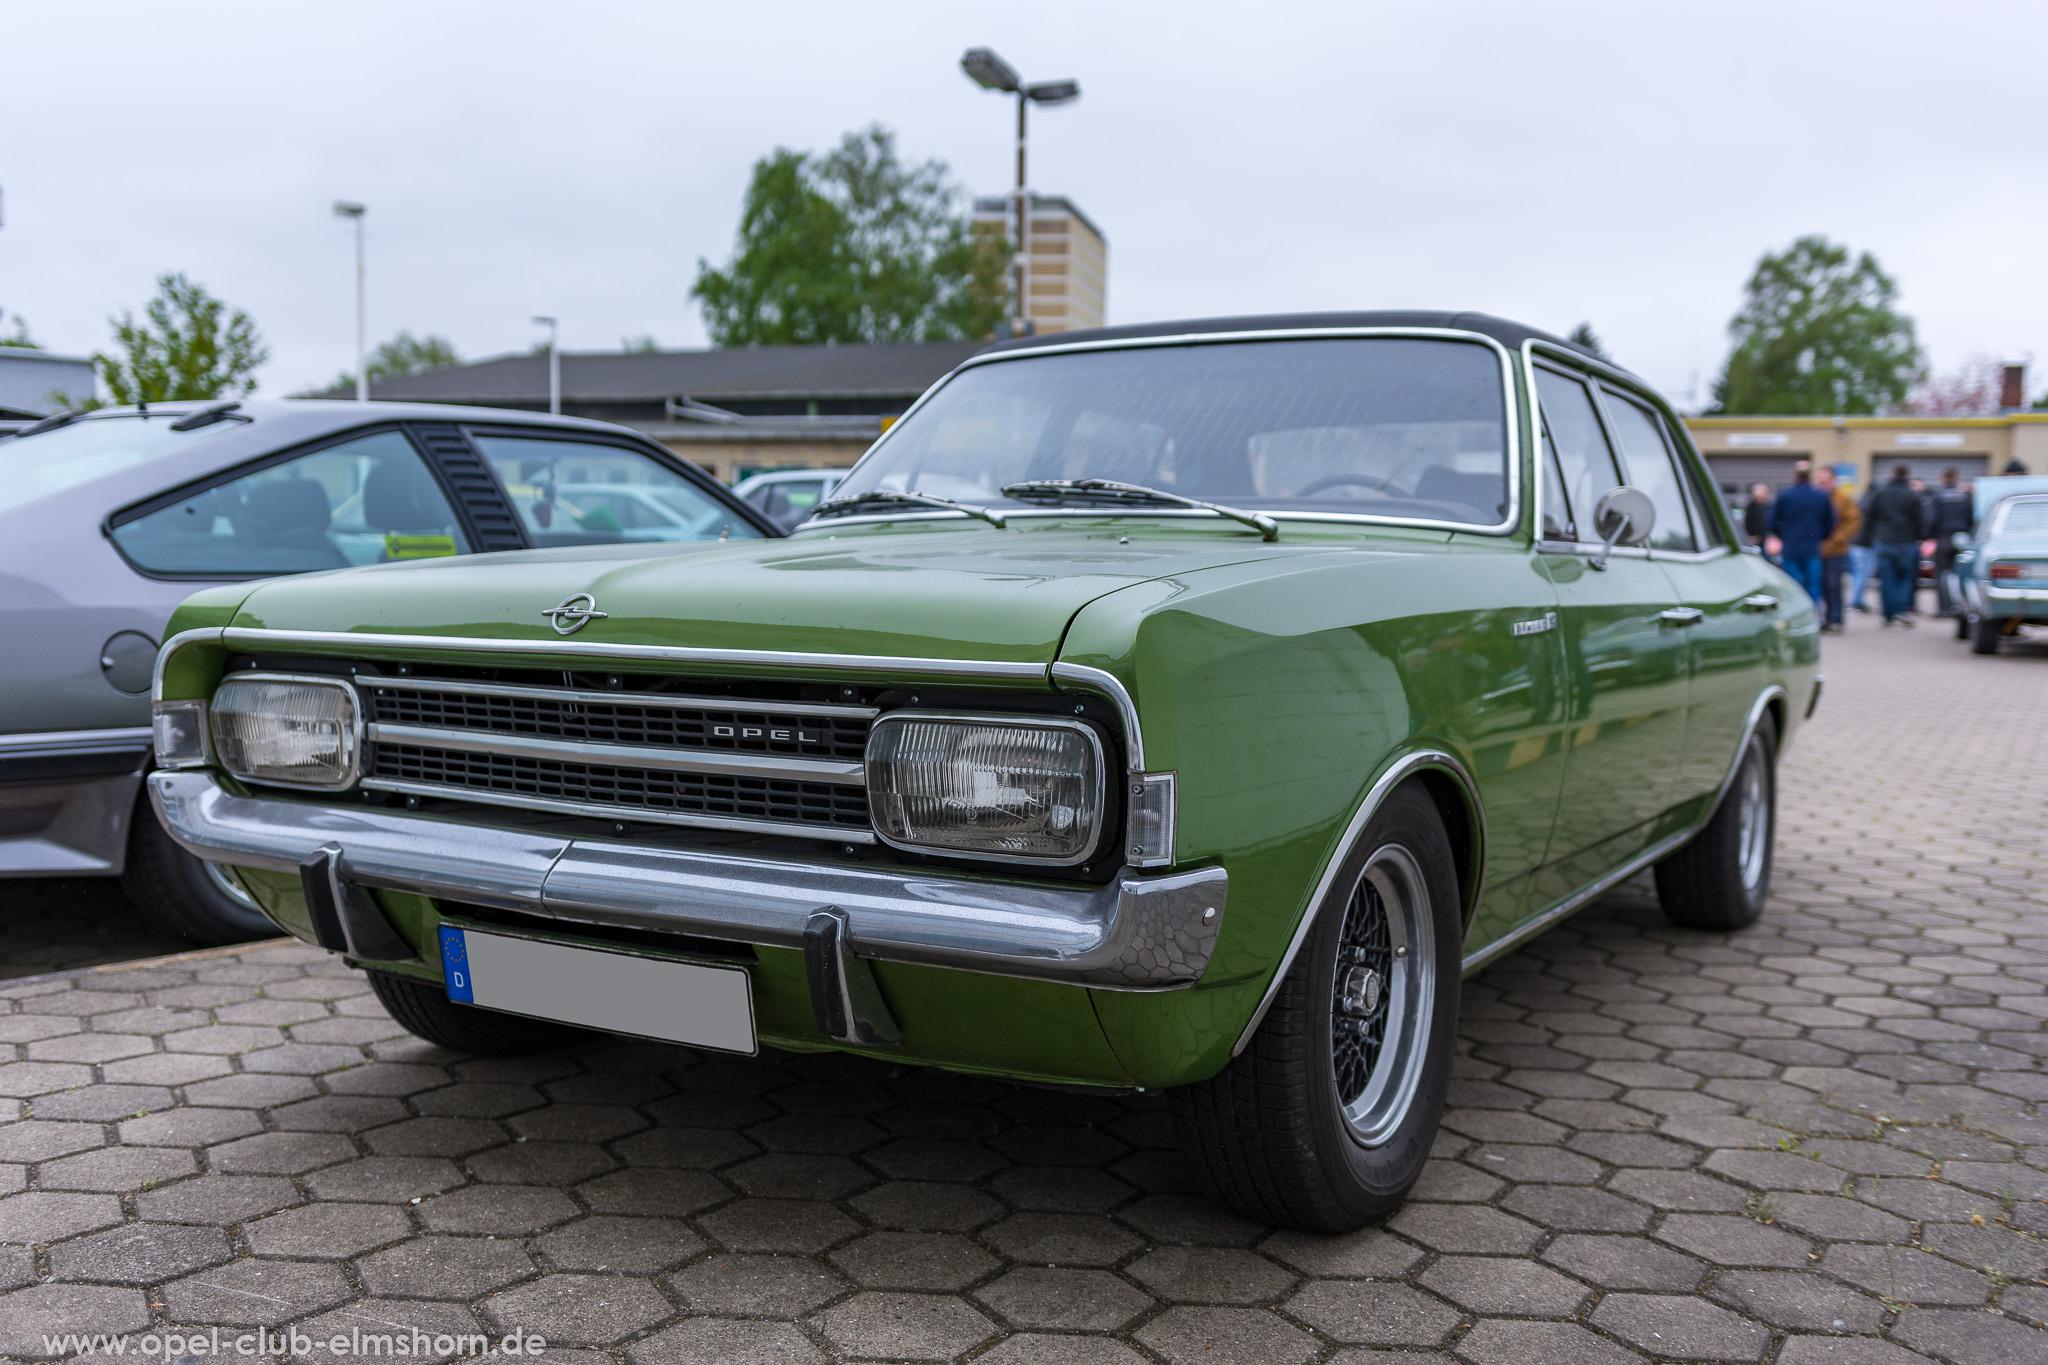 Altopeltreffen Wedel 2019 - 20190501_114857 - Opel Rekord C